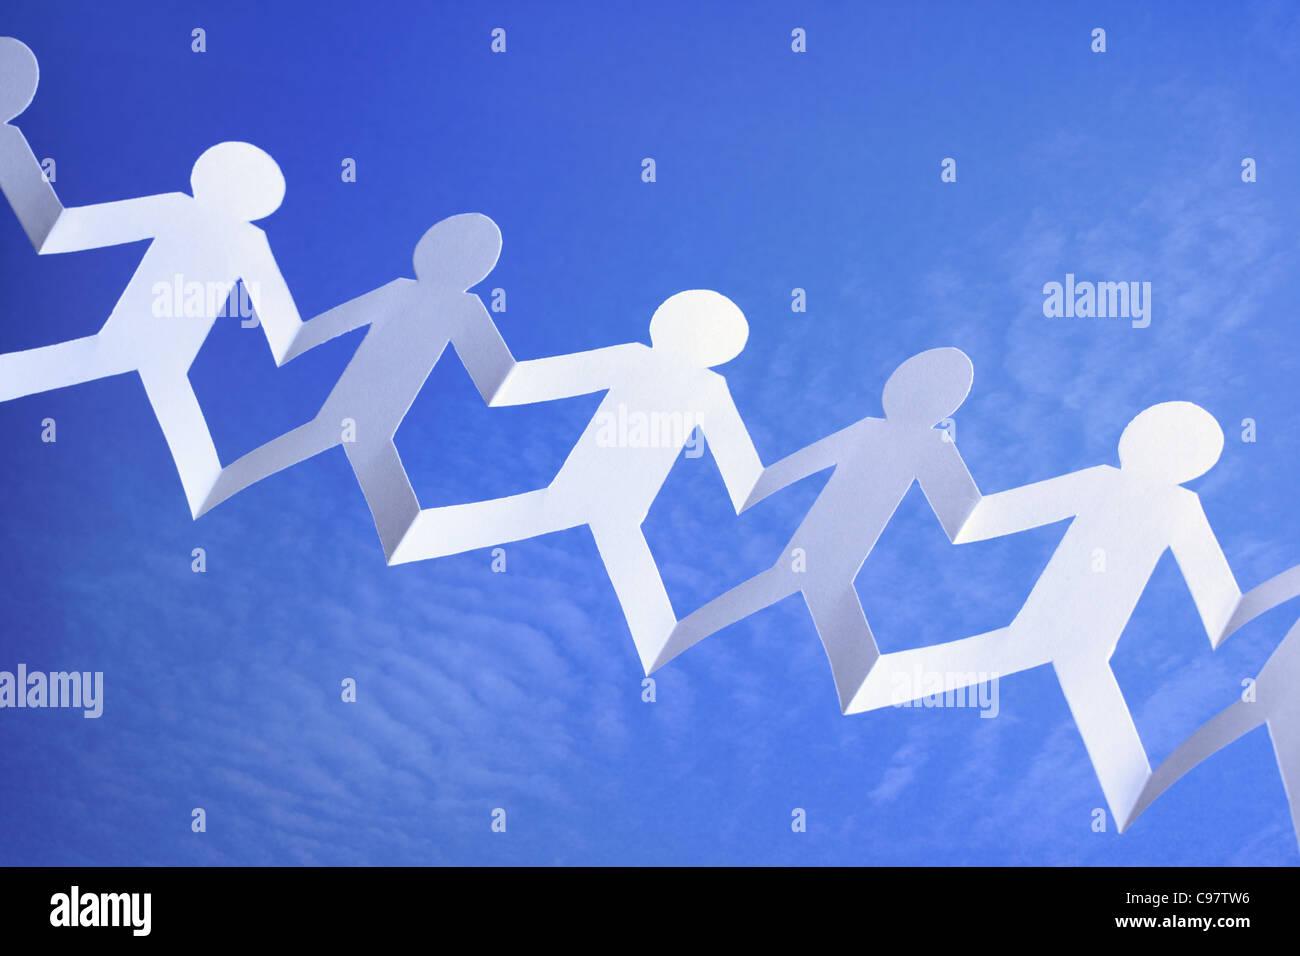 El trabajo en equipo y el networking Imagen De Stock